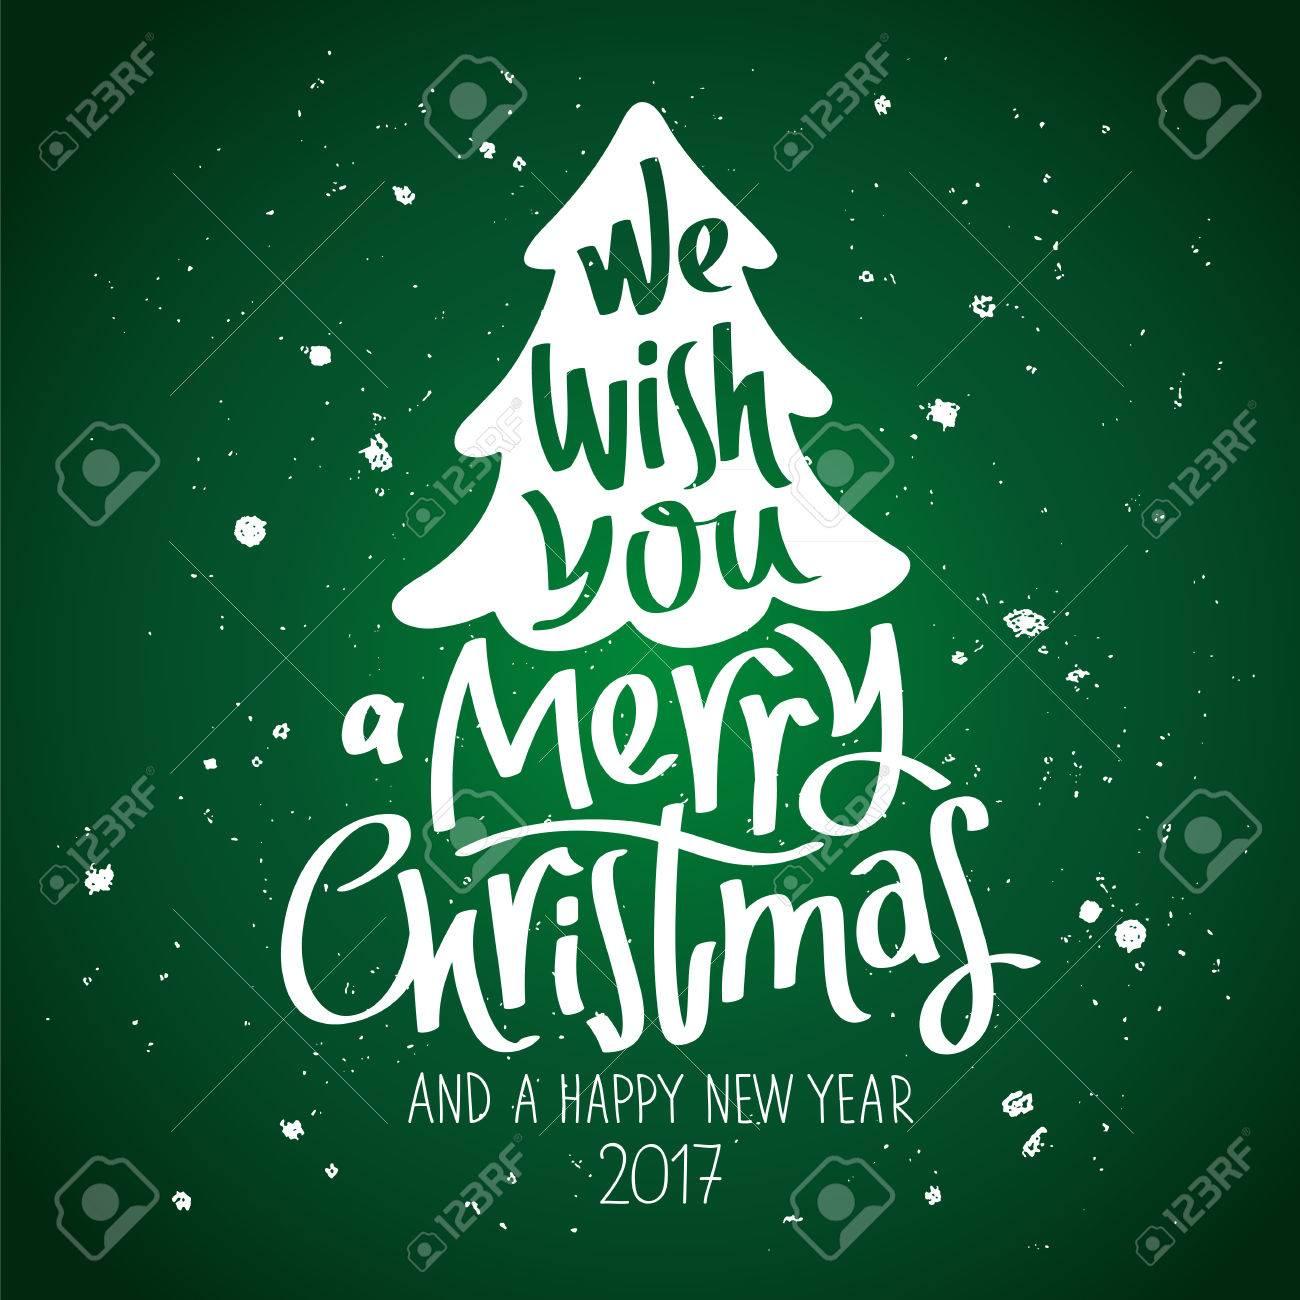 Zitat Wir Wünschen Ihnen Frohe Weihnachten Und Einen Guten Rutsch ...